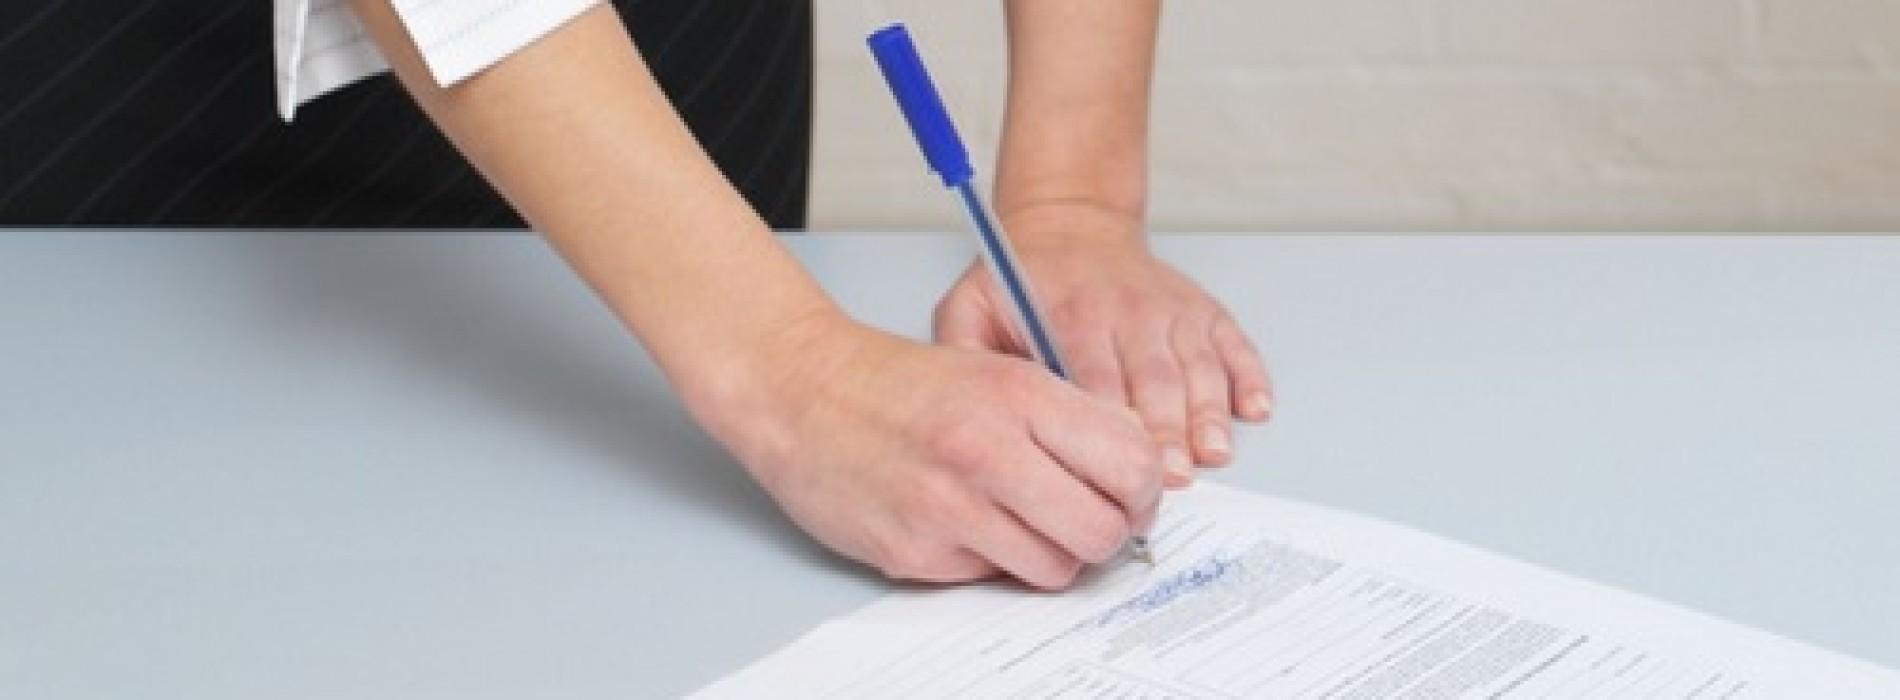 Śmieciowa umowa jedynym rozwiązaniem dla studenta?